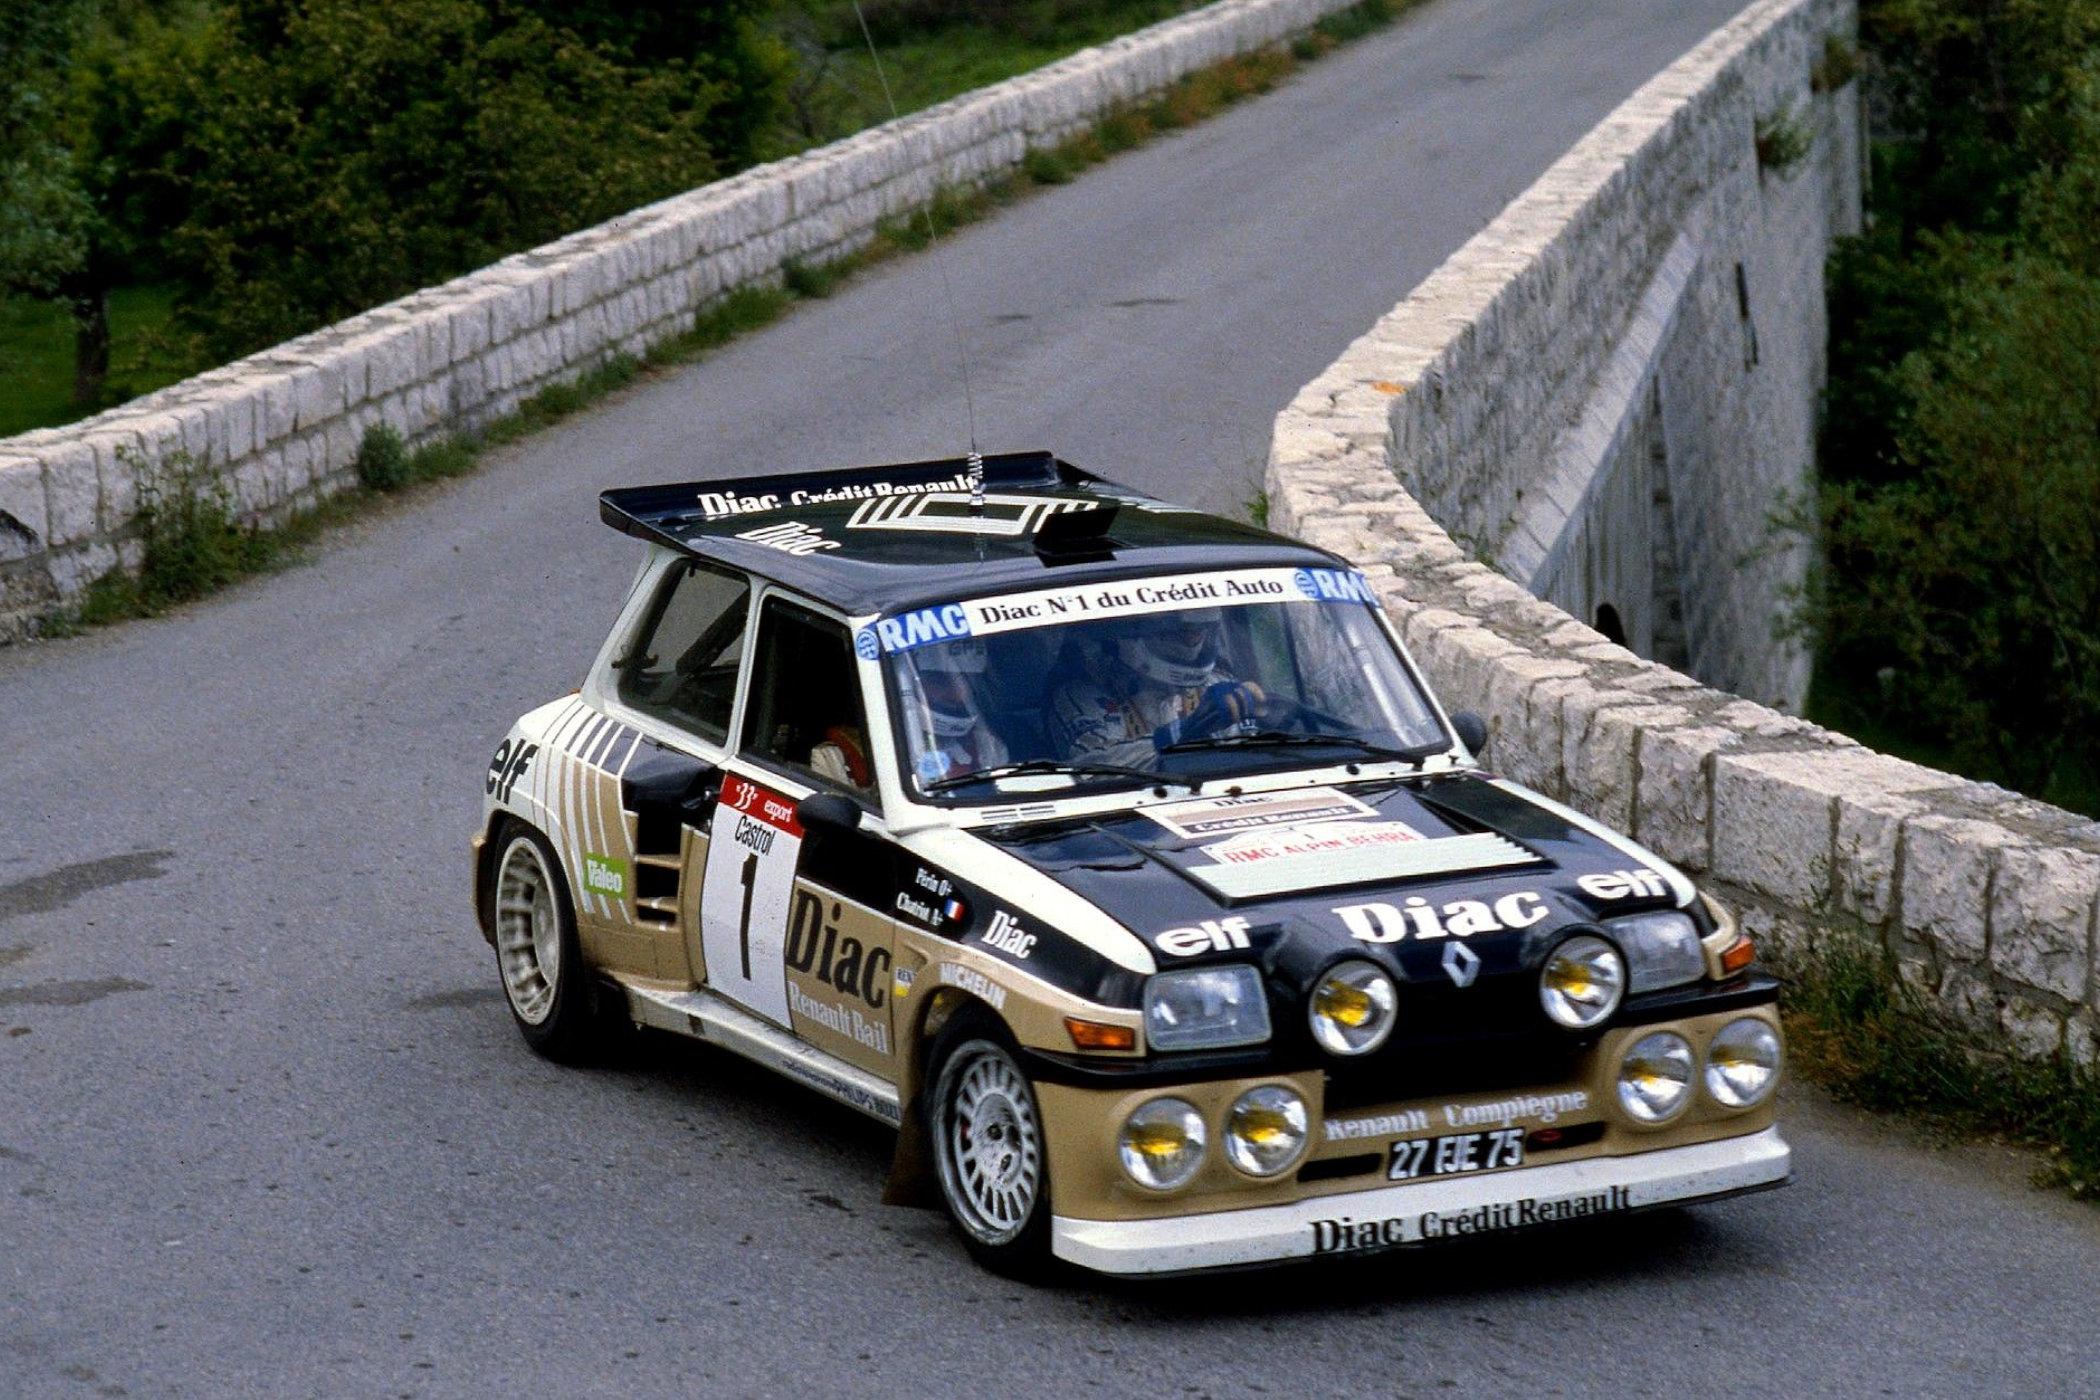 Renault 5 Maxi Turbo Group B Rally Car 1